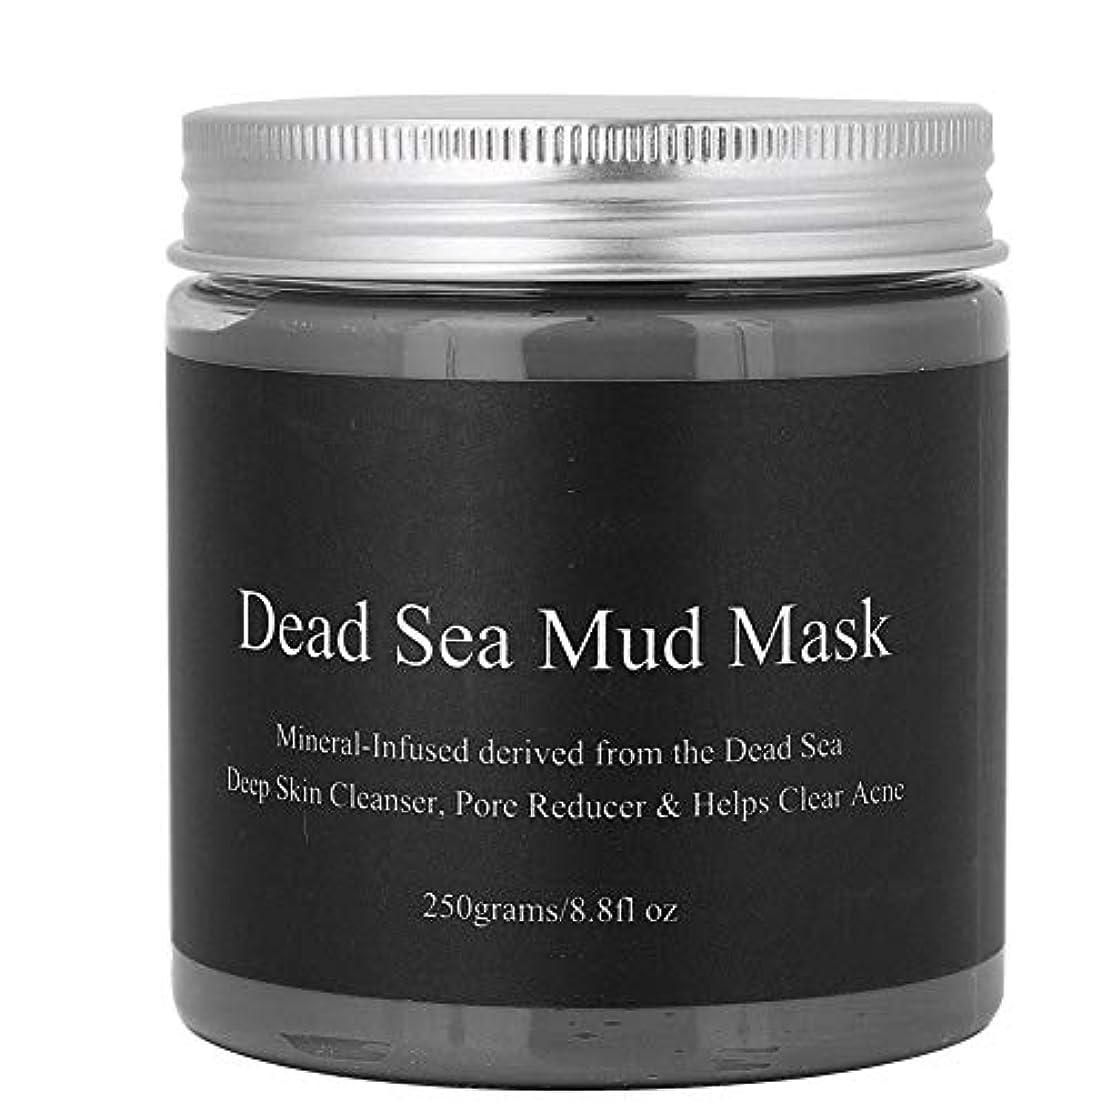 負荷胃聖職者死海の泥マスク、フェイシャルマスク保湿栄養マスク - 250 g